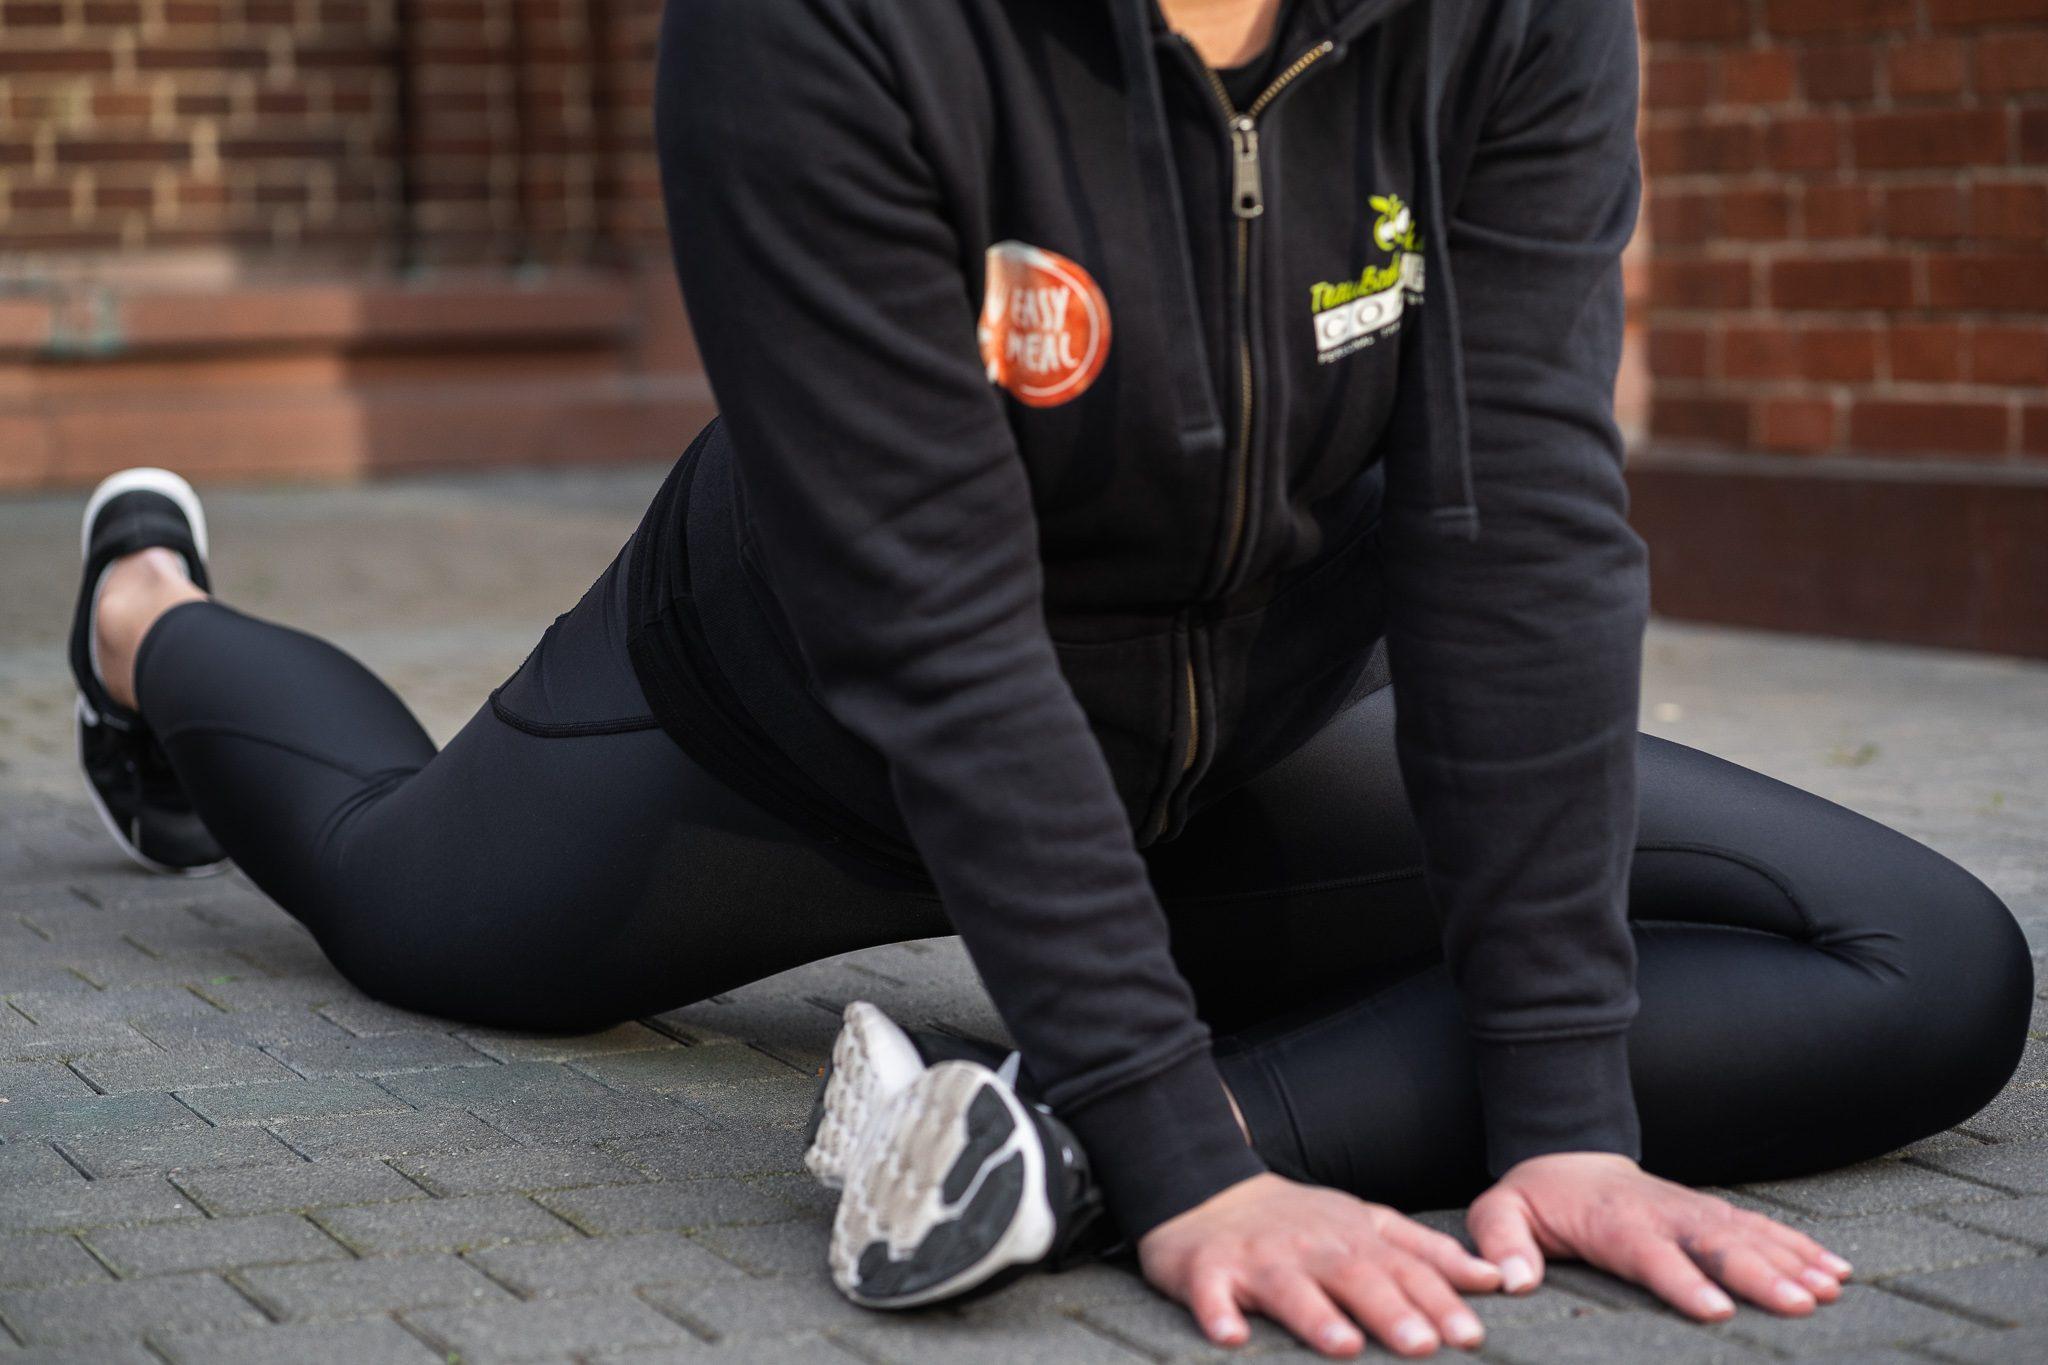 Personal Fitness Trainer Hamburg - TeamBodyCoach - Sei nicht so steif - 3 Mobility Vorteile 6